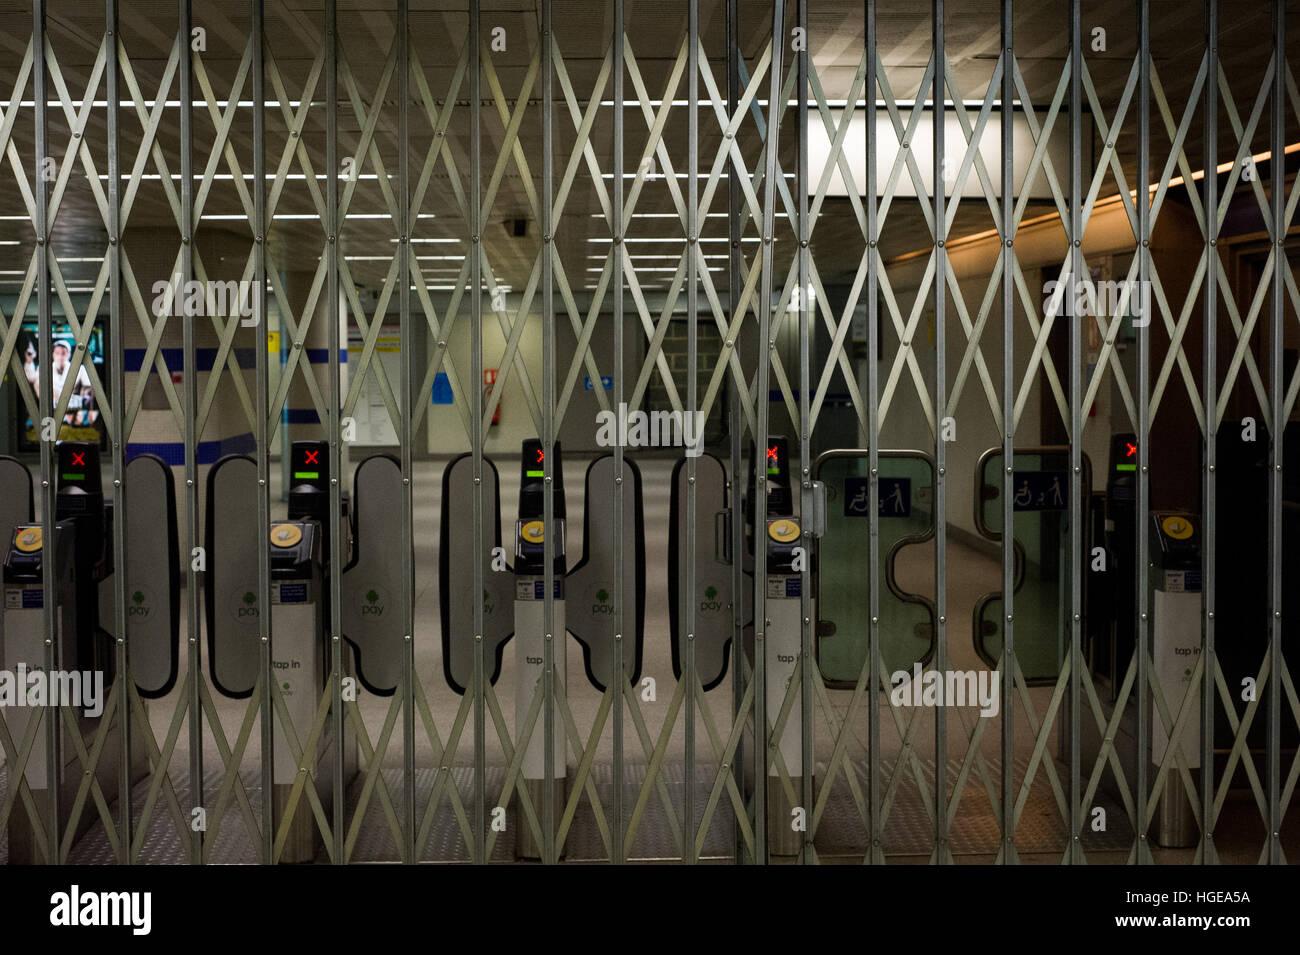 Londres, Inglaterra, Reino Unido. El 8 de enero de 2017. Londres cerrado bajo el suelo de la estación con las barreras. 24 horas de huelga en el metro de Londres comenzó a las 6pm. Transporte de Londres (TFL) ha informado de que habrá una reducción del servicio ejecutando durante la huelga. Estación cerrada. Andrew Steven Graham/Alamy Live News Foto de stock